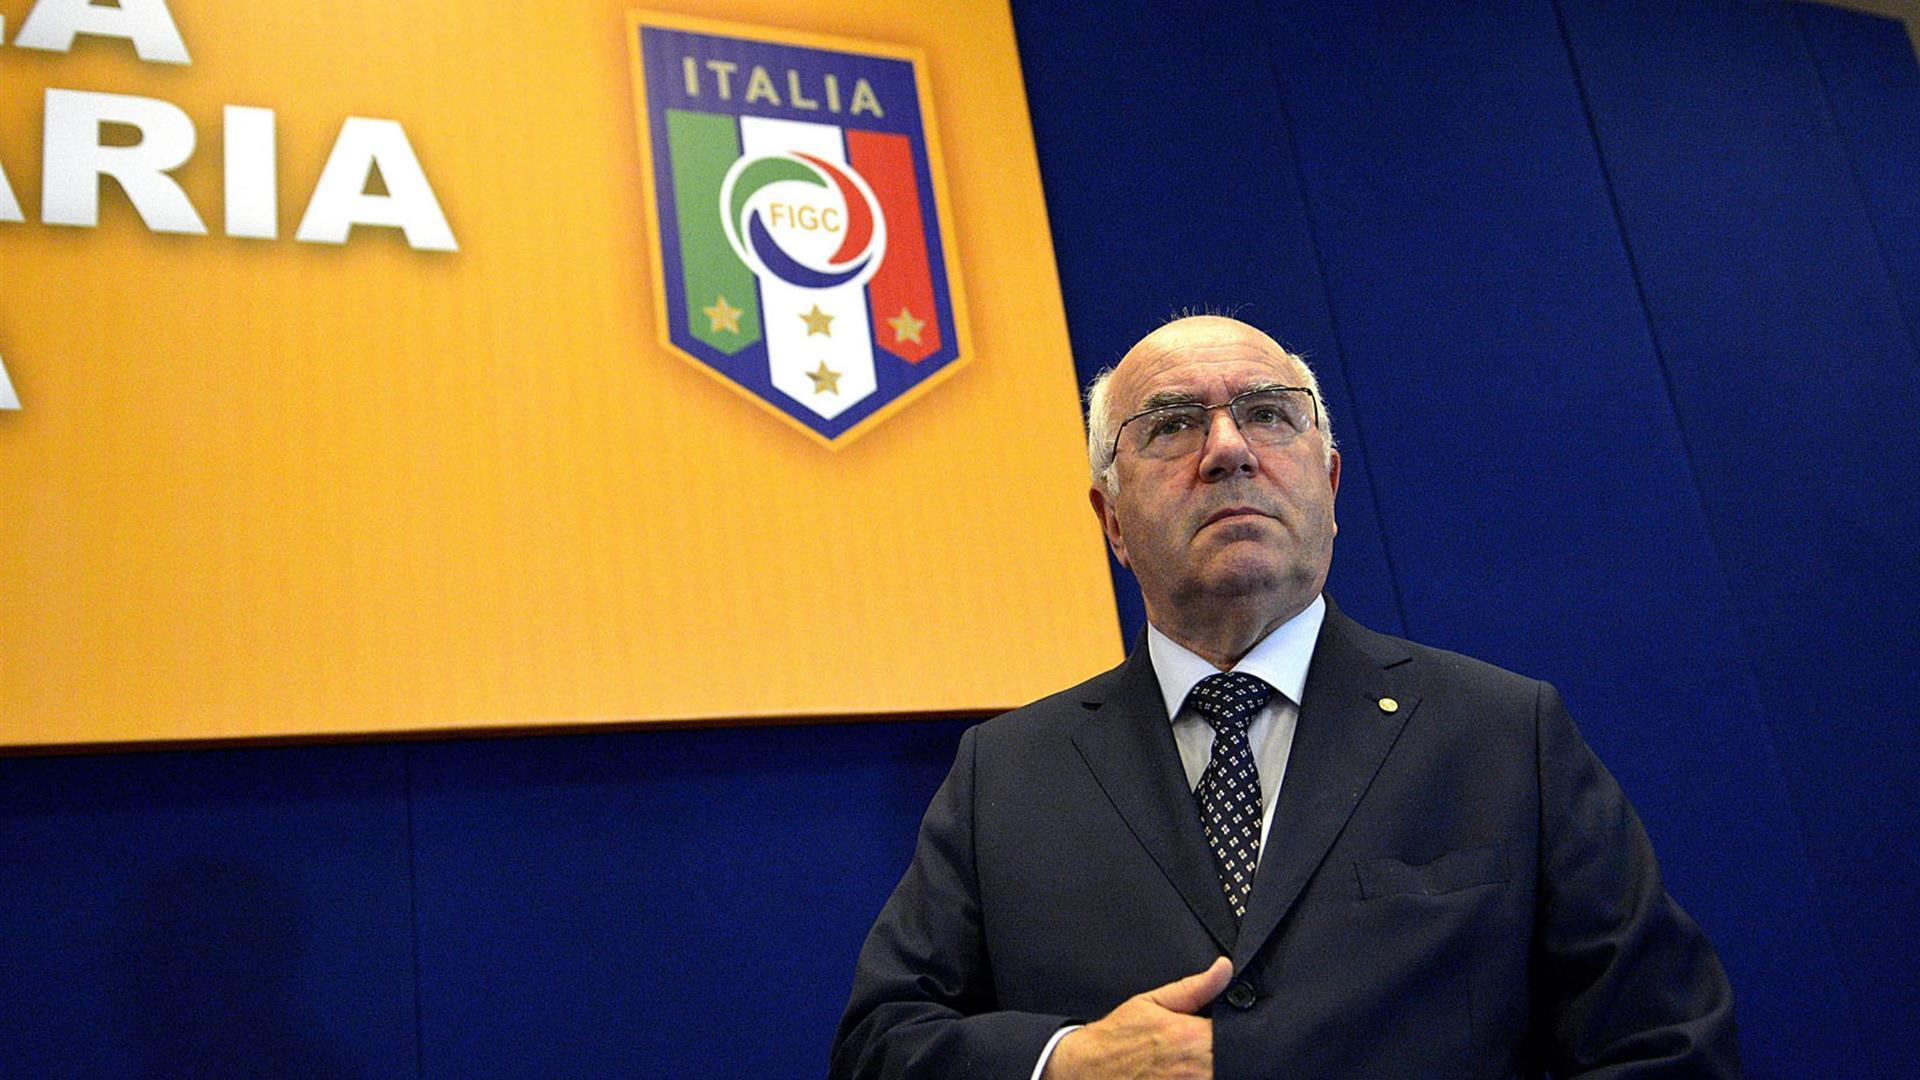 رئيس اتحاد الكرة الإيطالي المستقيل يواجه اتهامات بالتحرش الجنسي